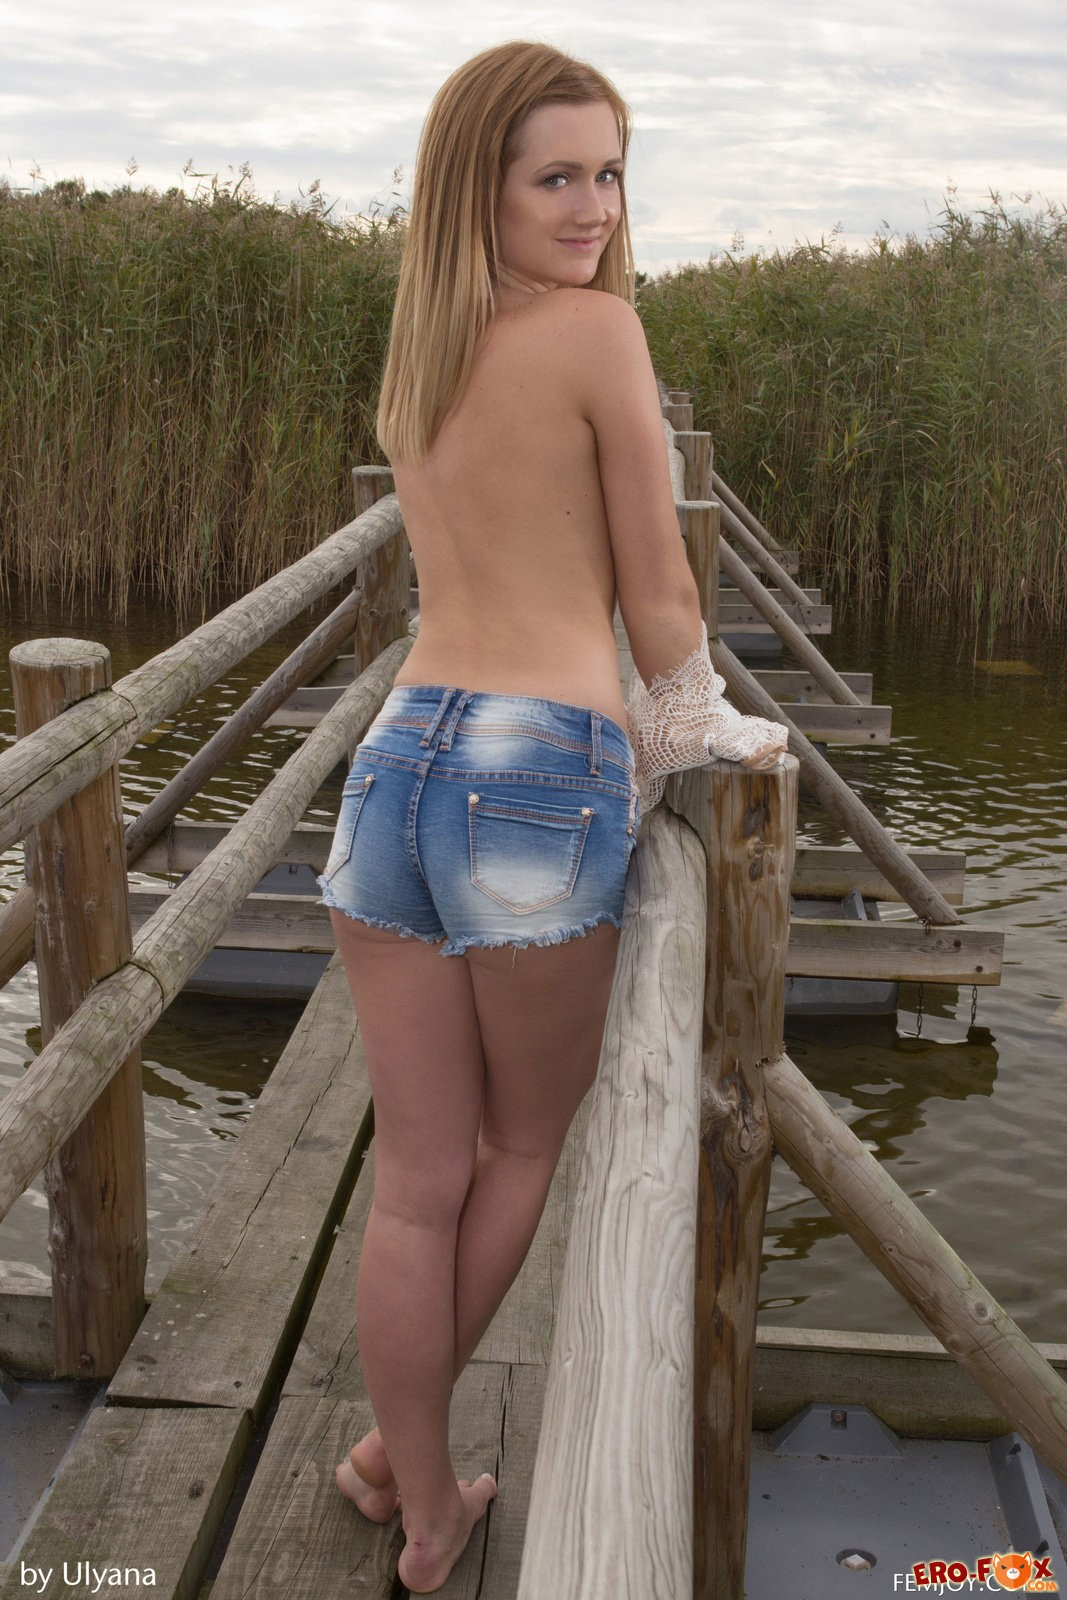 Молодая голая девушка на старом мосту